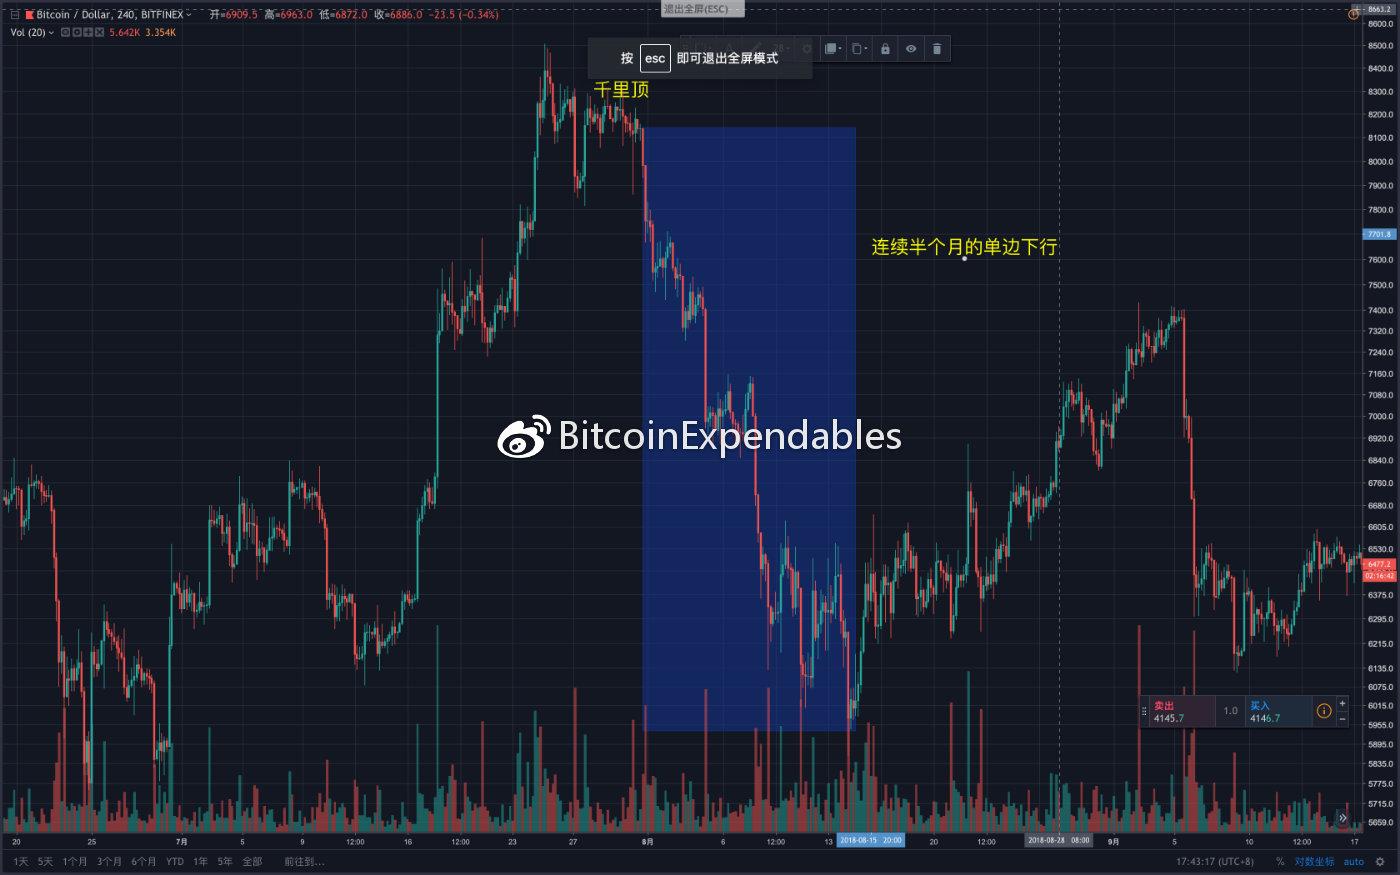 BTCUSDSHORTS(Bitfinex)变化趋势与BTCUSD价格趋势变化历史图形复盘_aicoin_图6